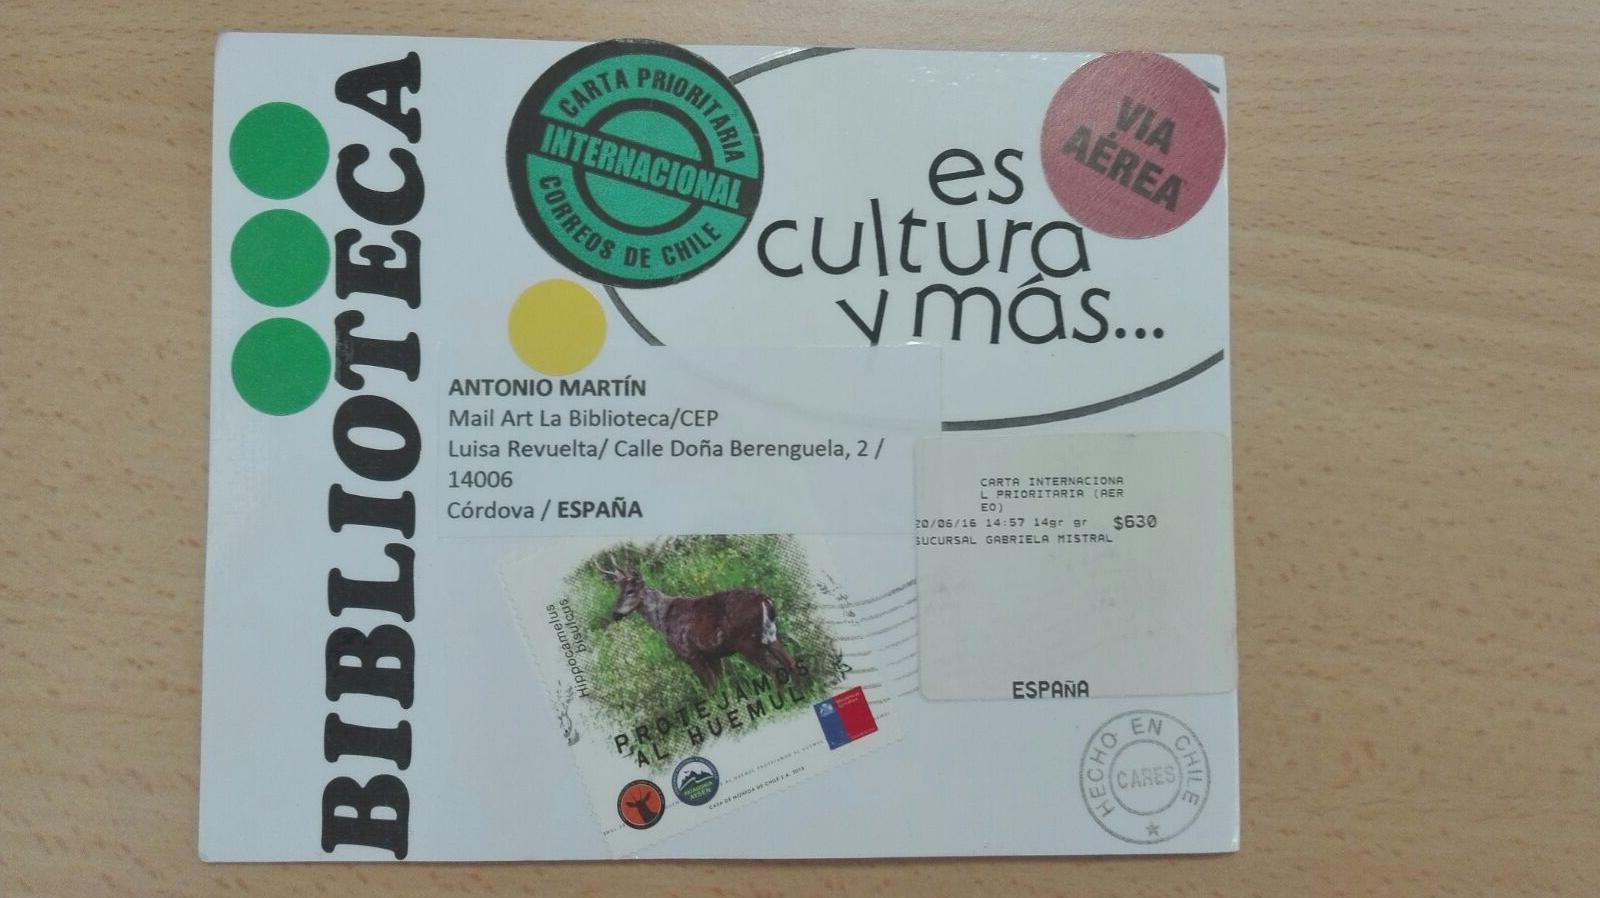 Este trabajo llegó desde Chile, porque la Convocatoria se subió a las redes sociales y a BOEK